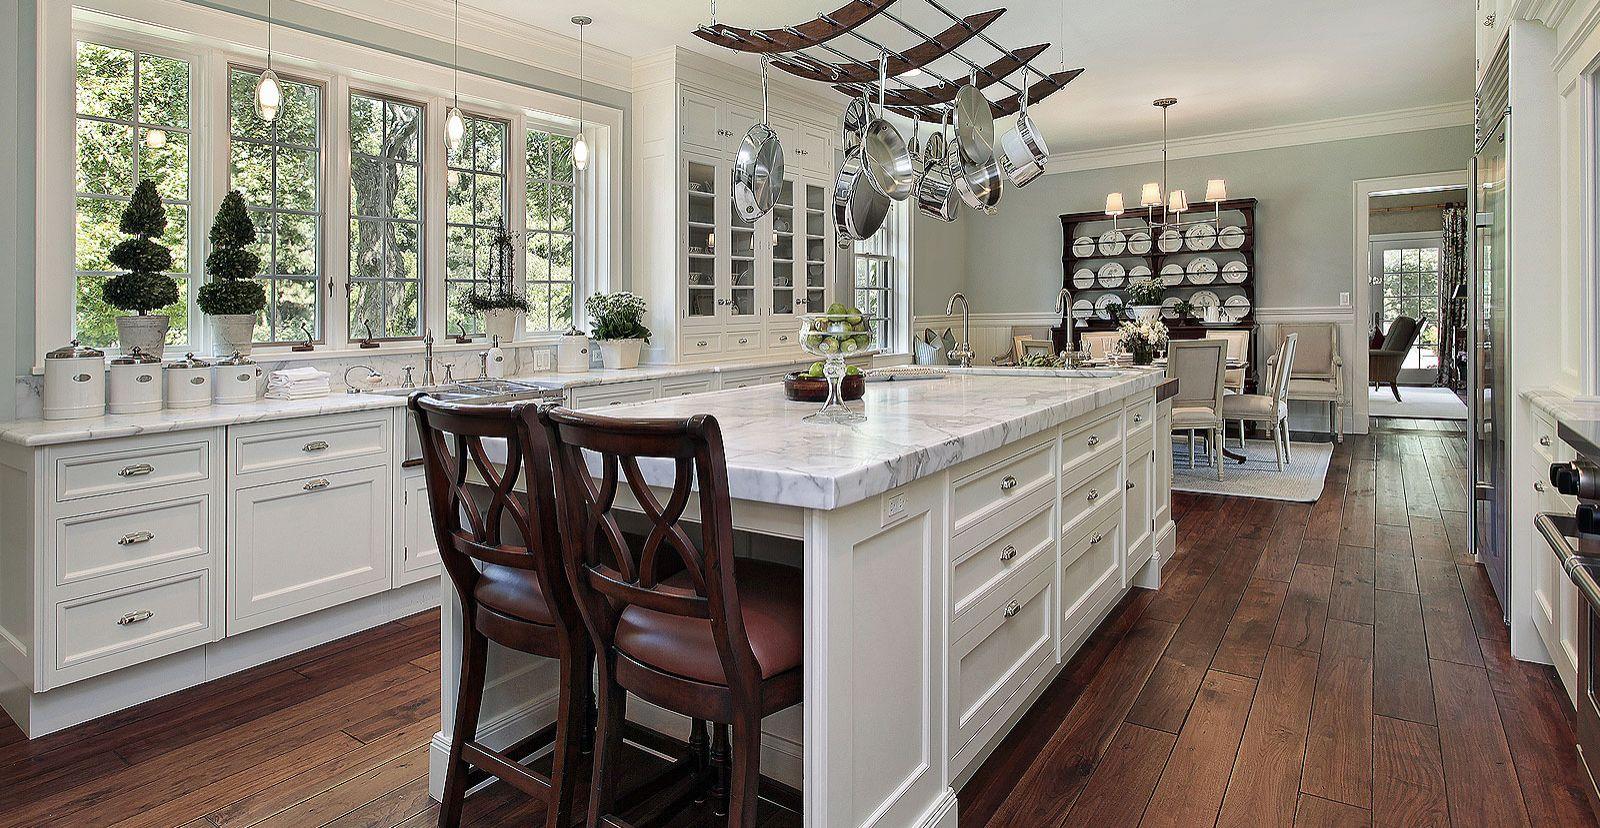 Kitchen - Jenna D'Amico